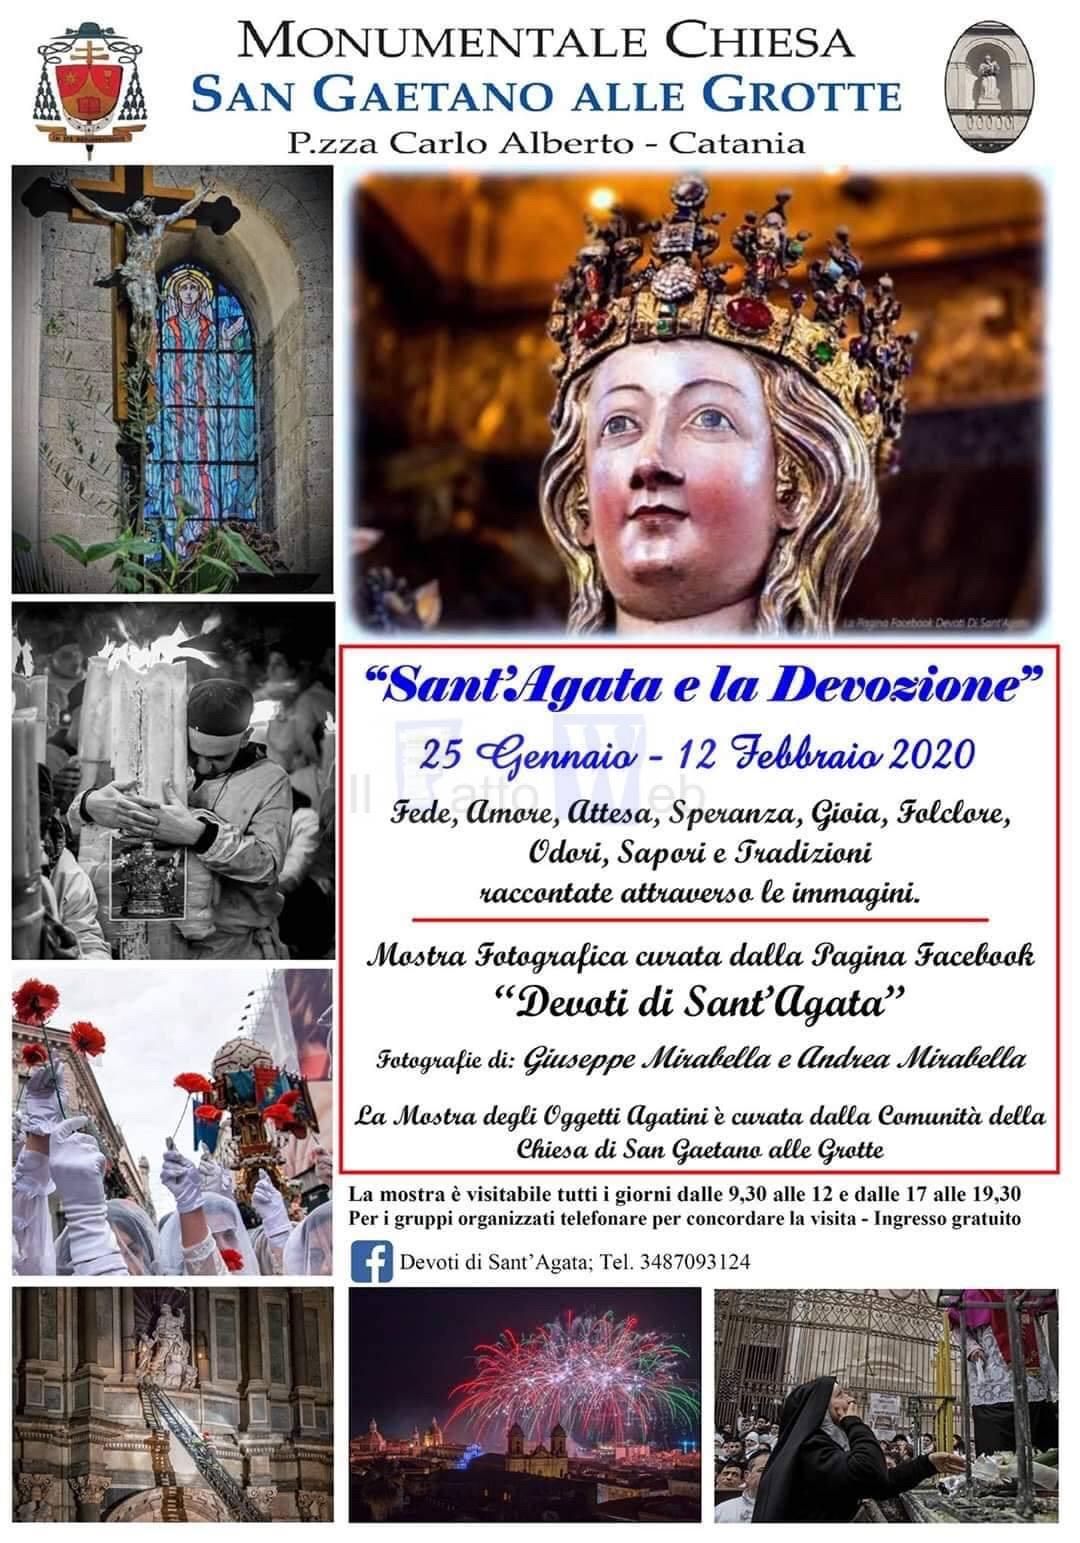 Dal 25 gennaio al 12 febbraio mostra agatina a San Gaetano alle Grotte